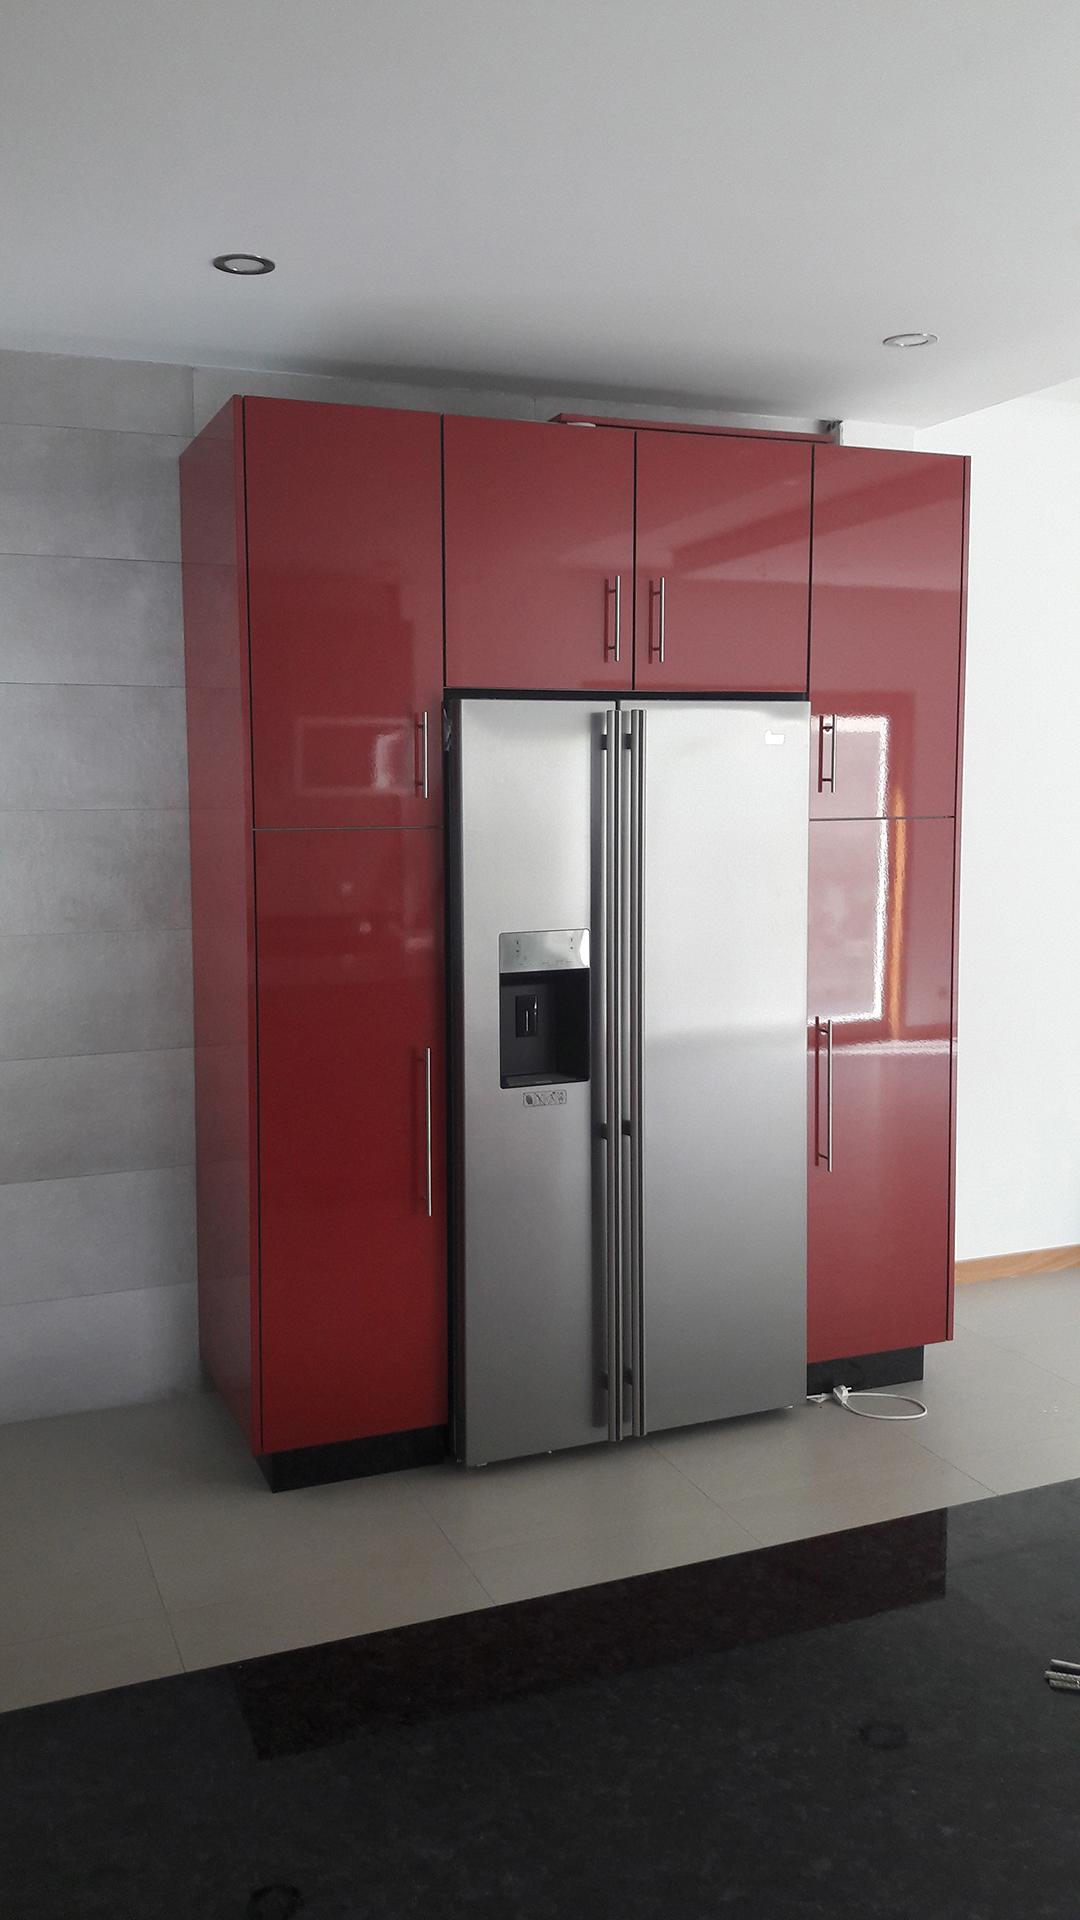 Cozinha Com Frentes Em Acr Lico Vermelho E Cinza Claro Brilhante  ~ Cozinha Cinza Com Vermelho